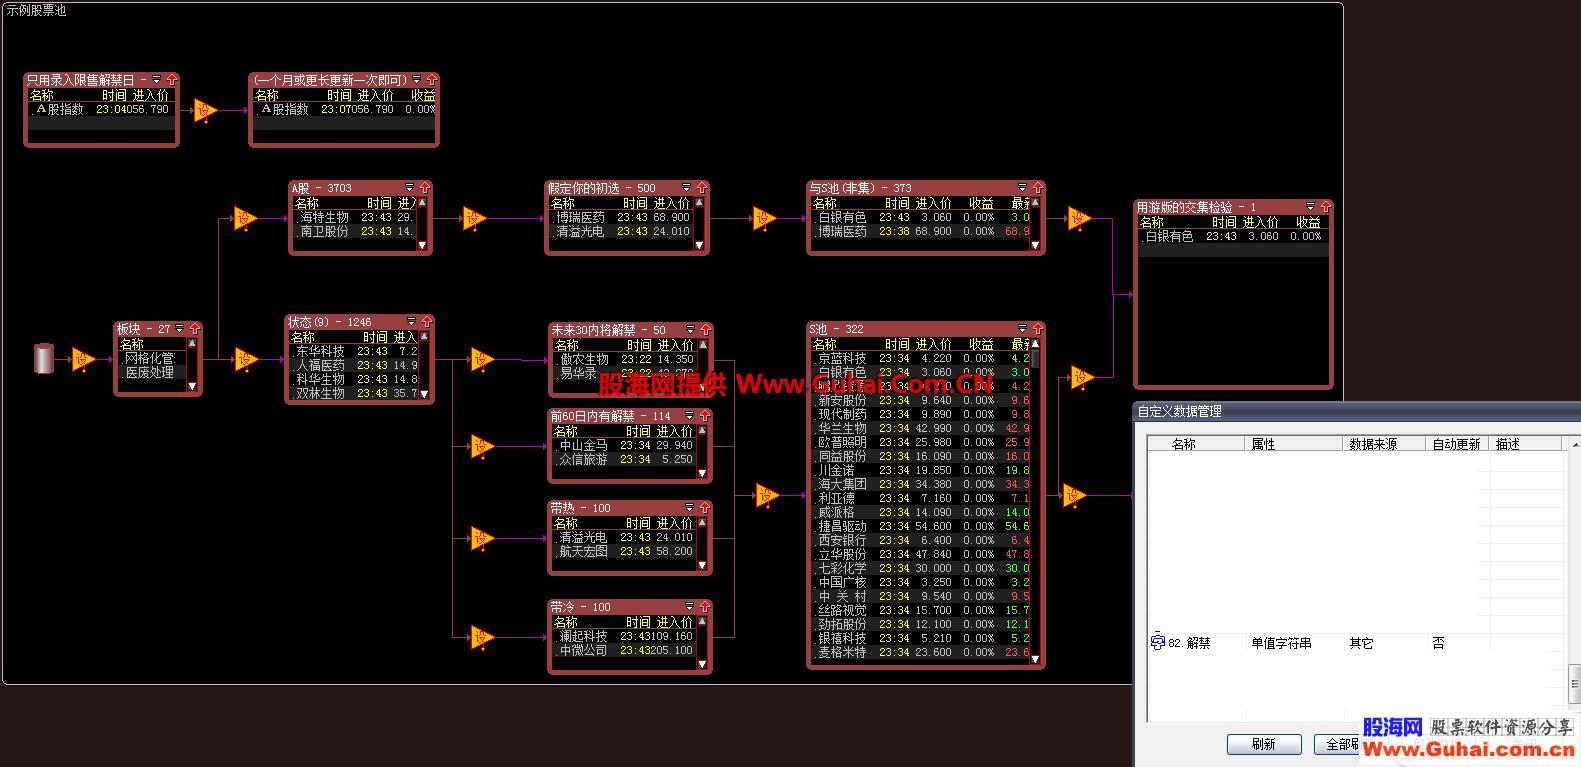 大智慧DDL示例池,功能有二.适用就拿去